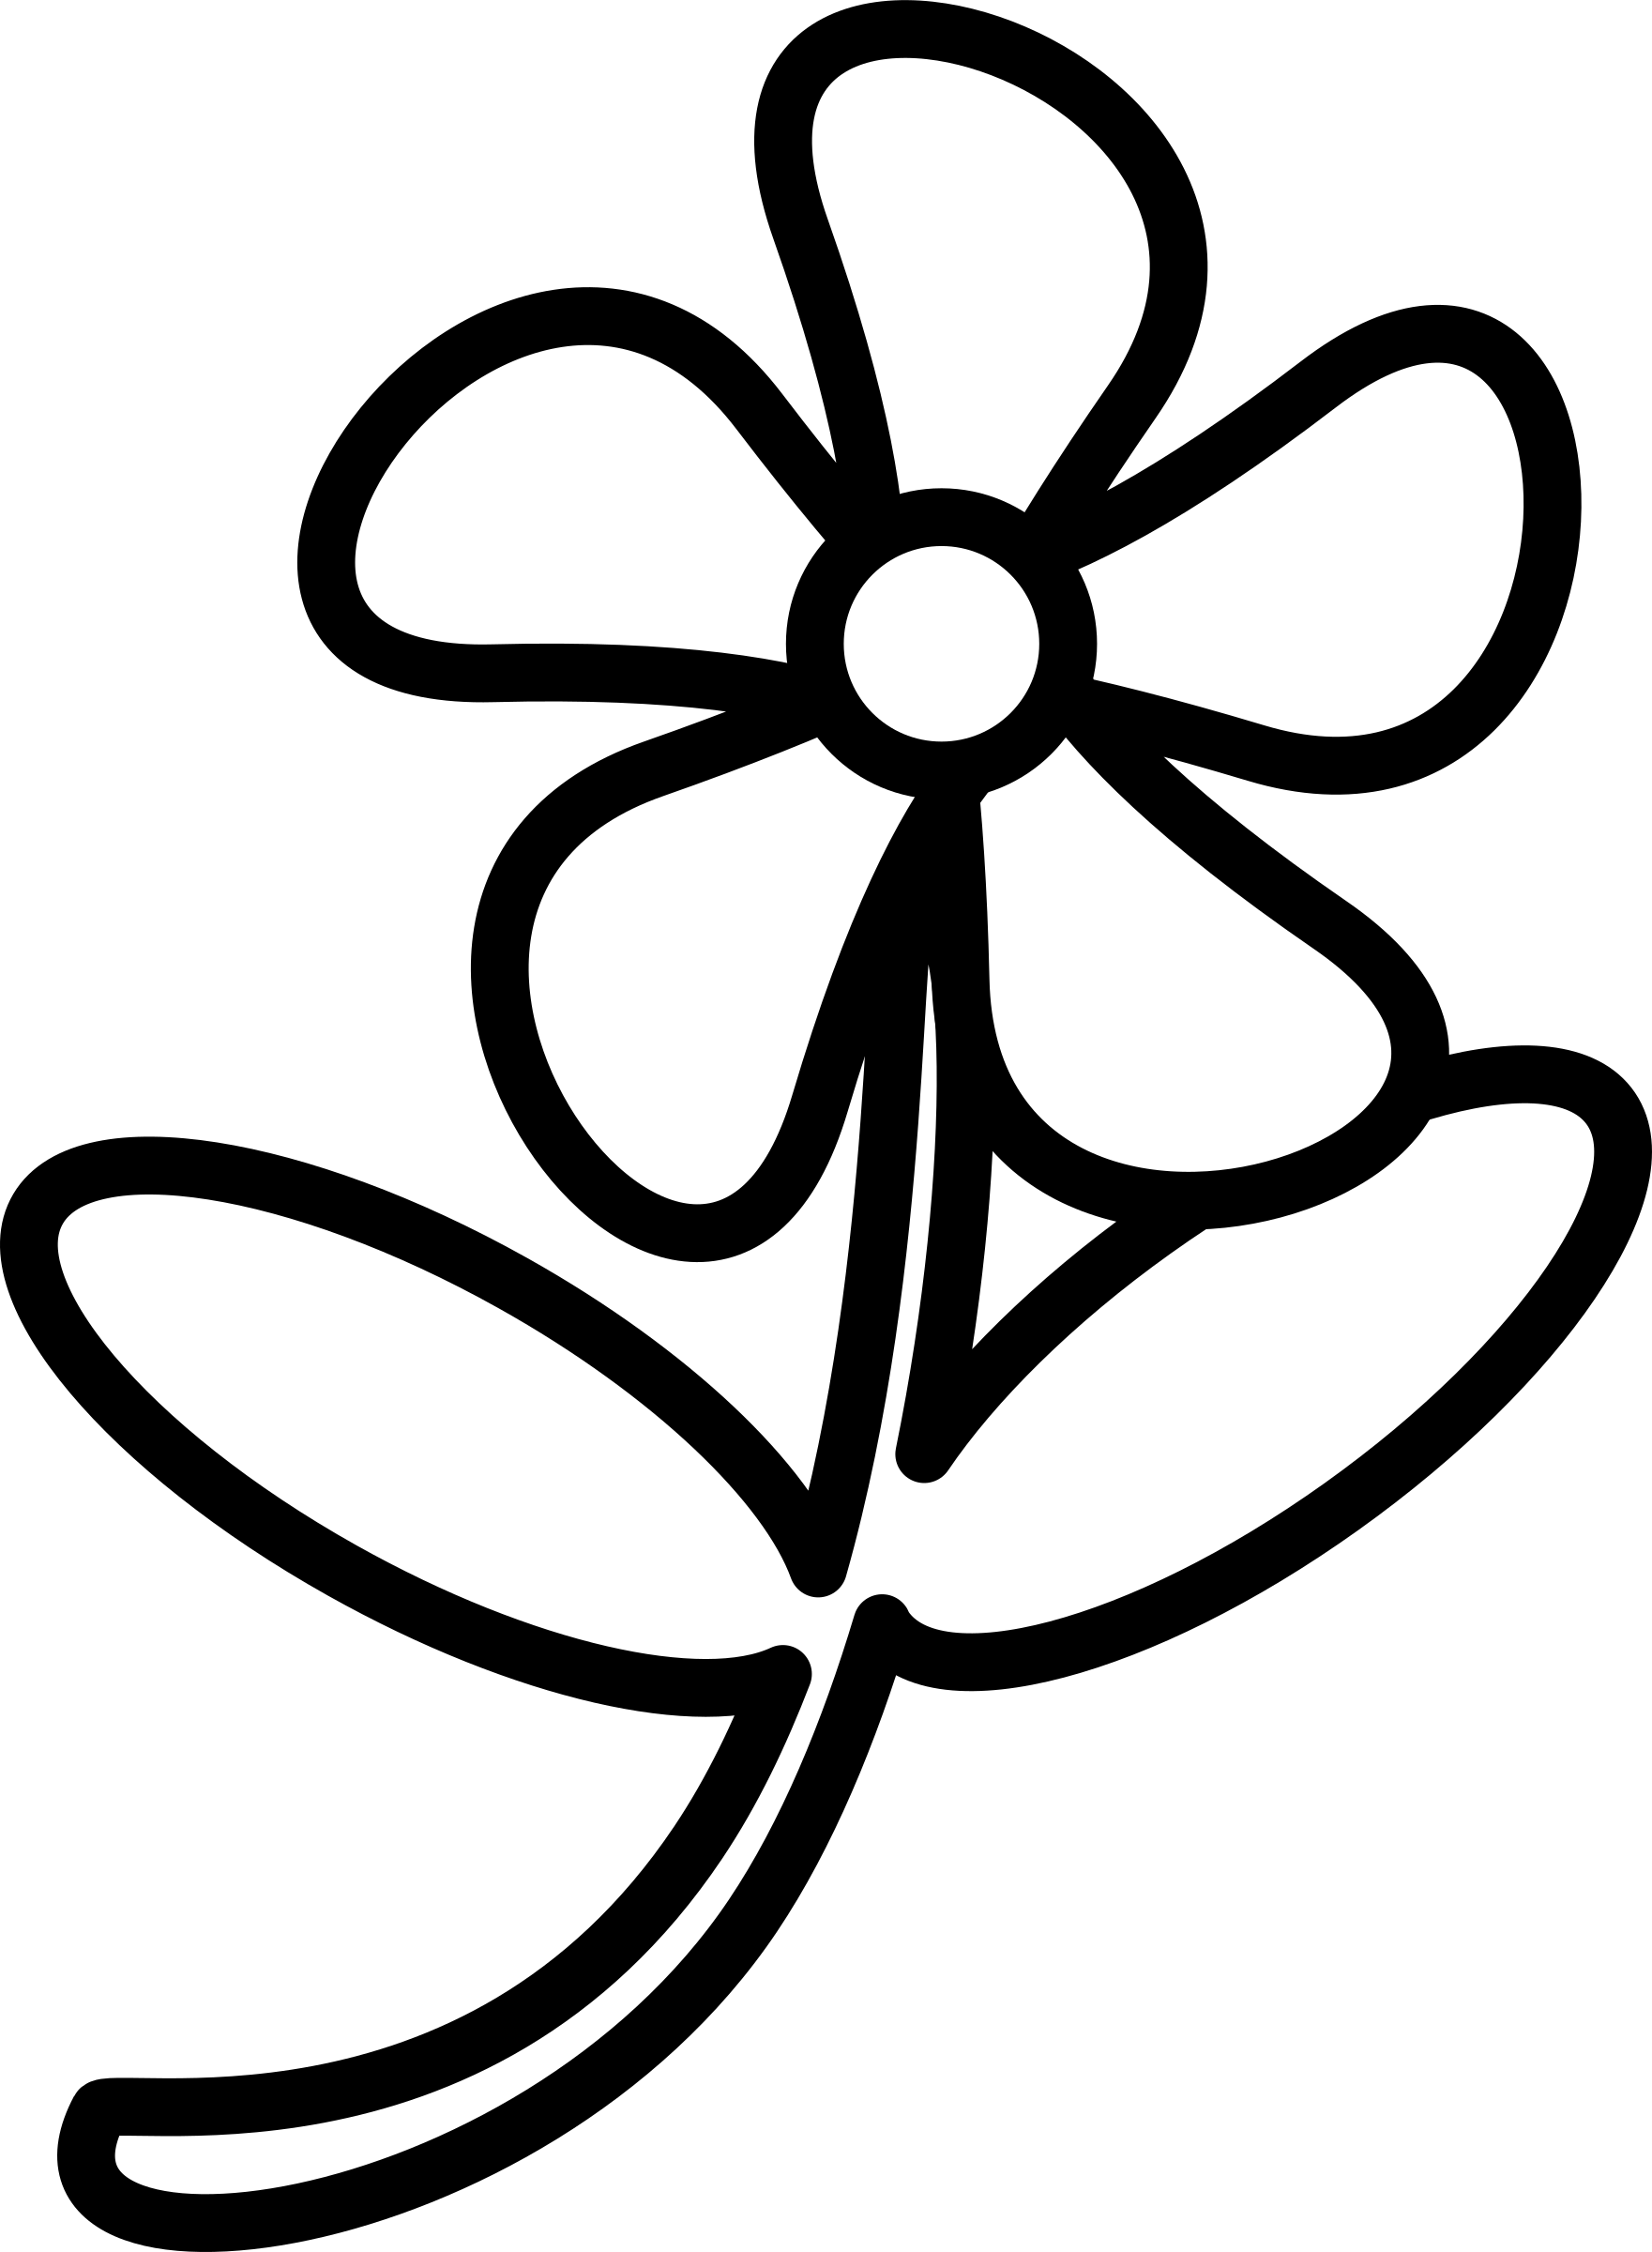 Clipart big image. Flower outline png